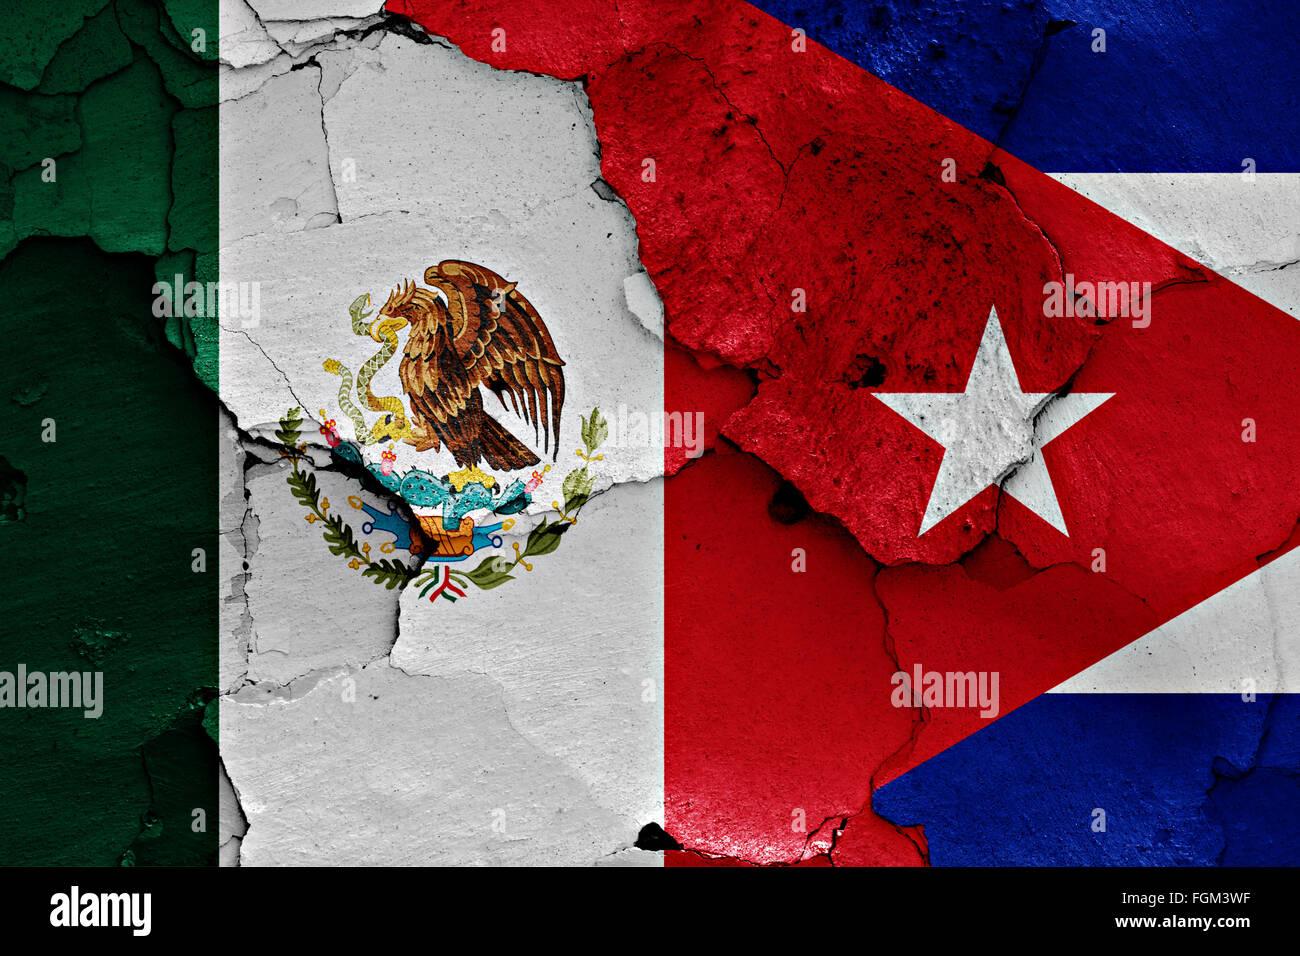 Mexico Cuba Stockfotos & Mexico Cuba Bilder - Alamy